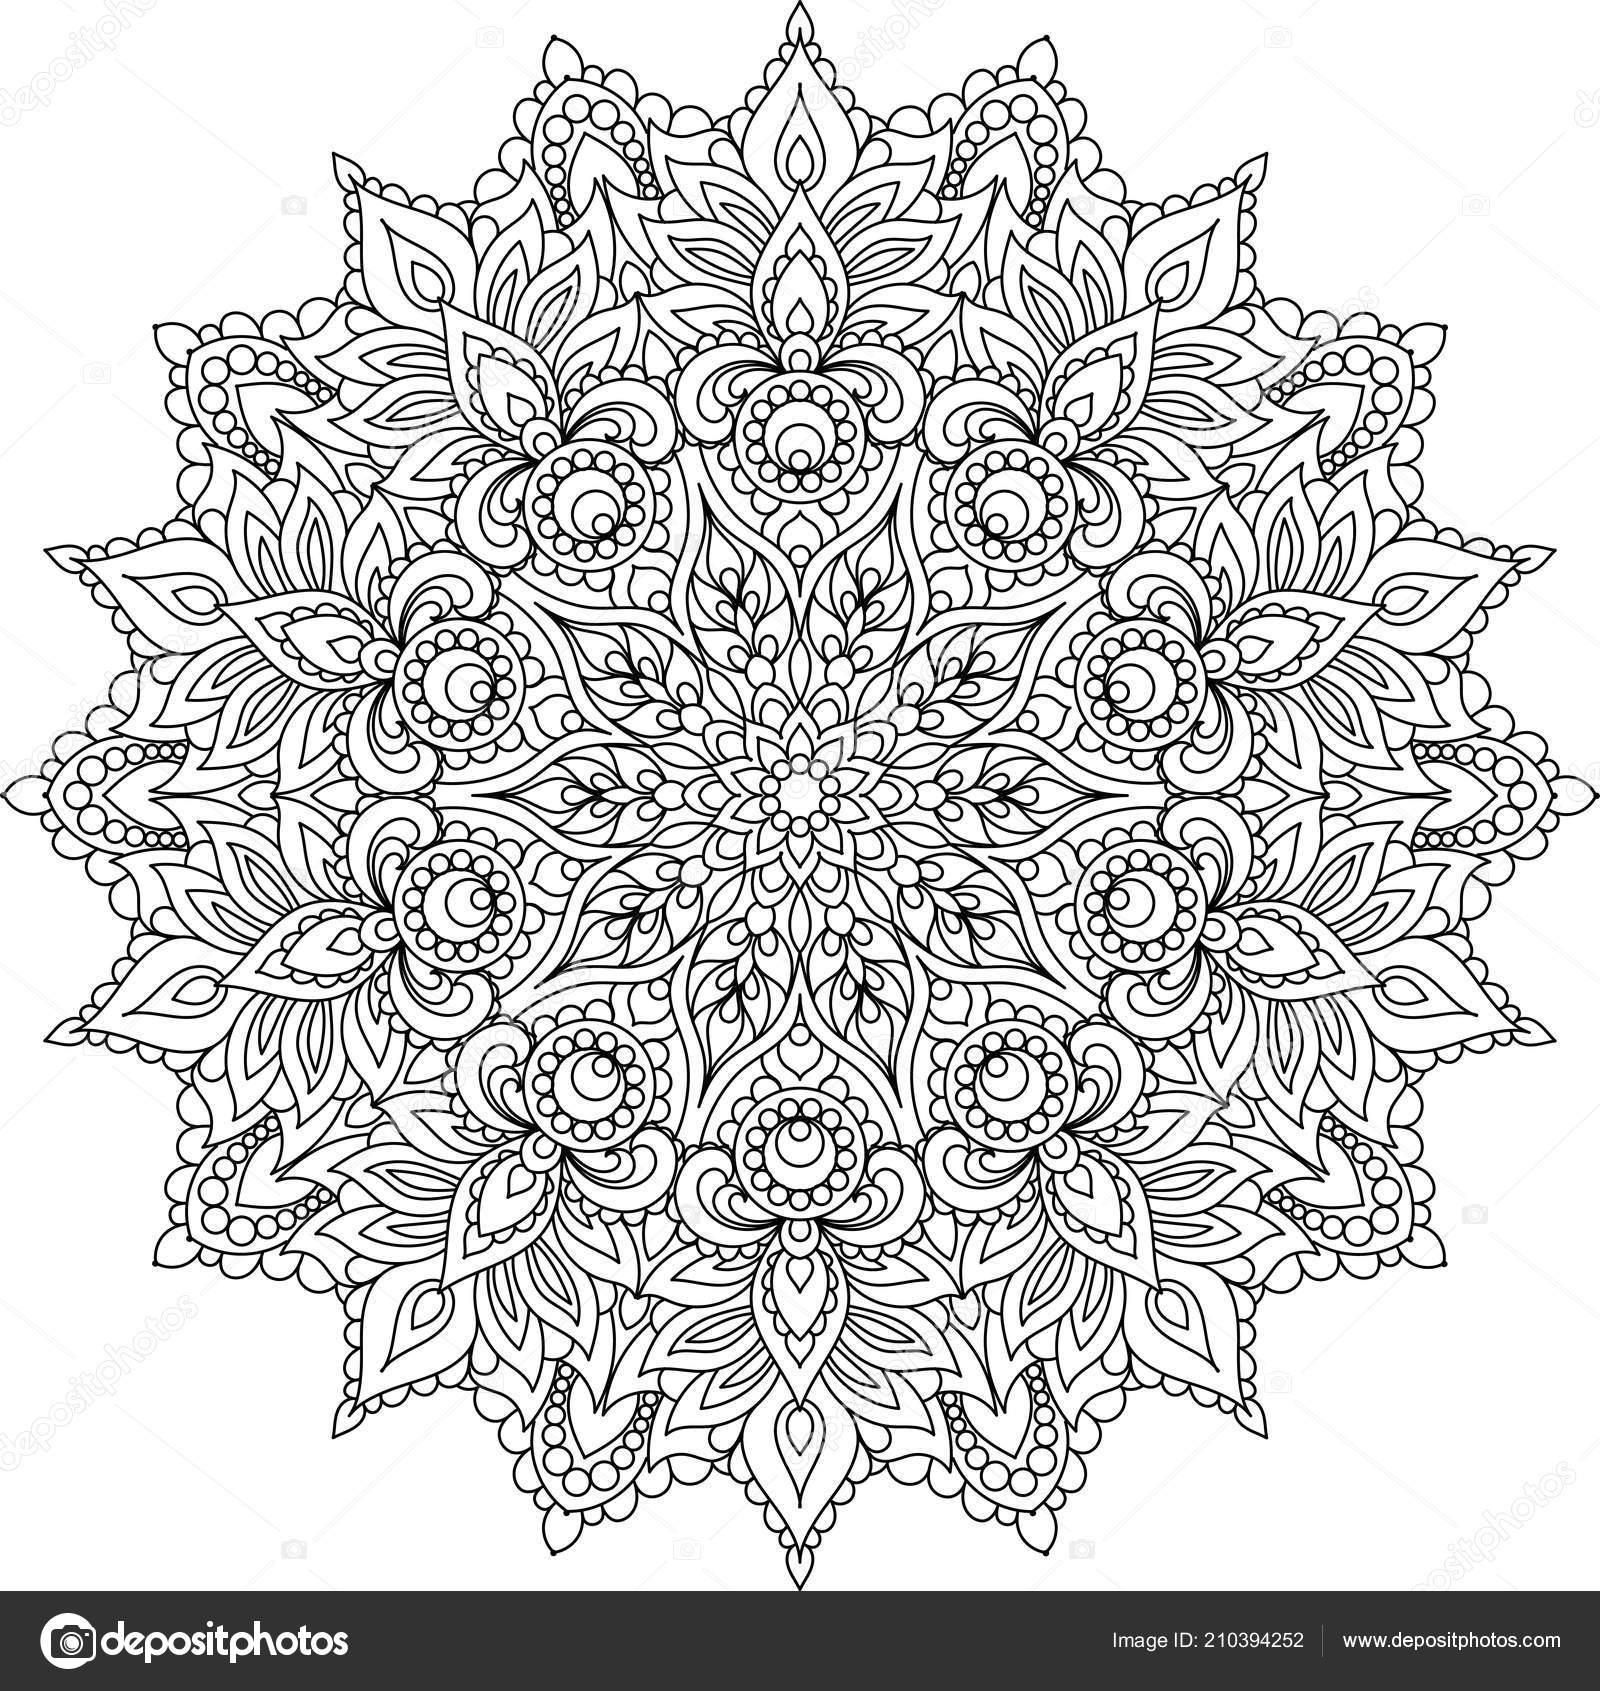 Mandala Schwarz Weiß Dekoratives Element Vektor Zum Ausmalen Islam